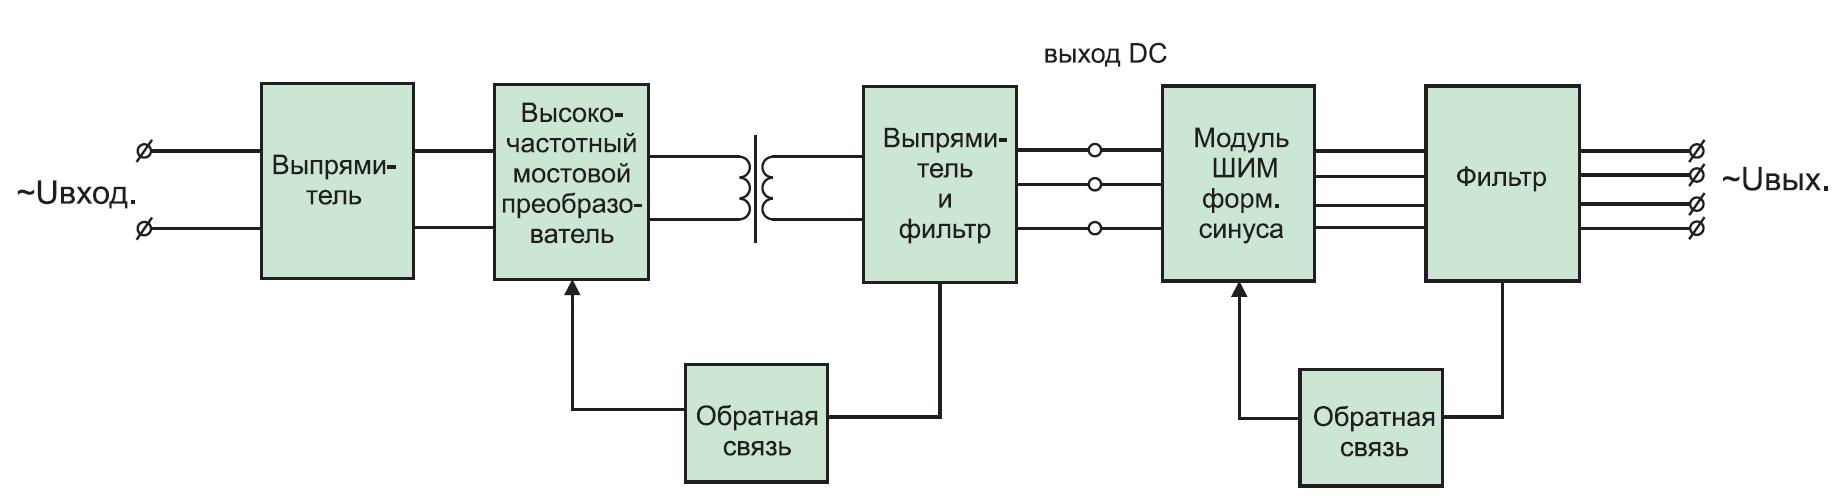 Типовая структура преобразователя